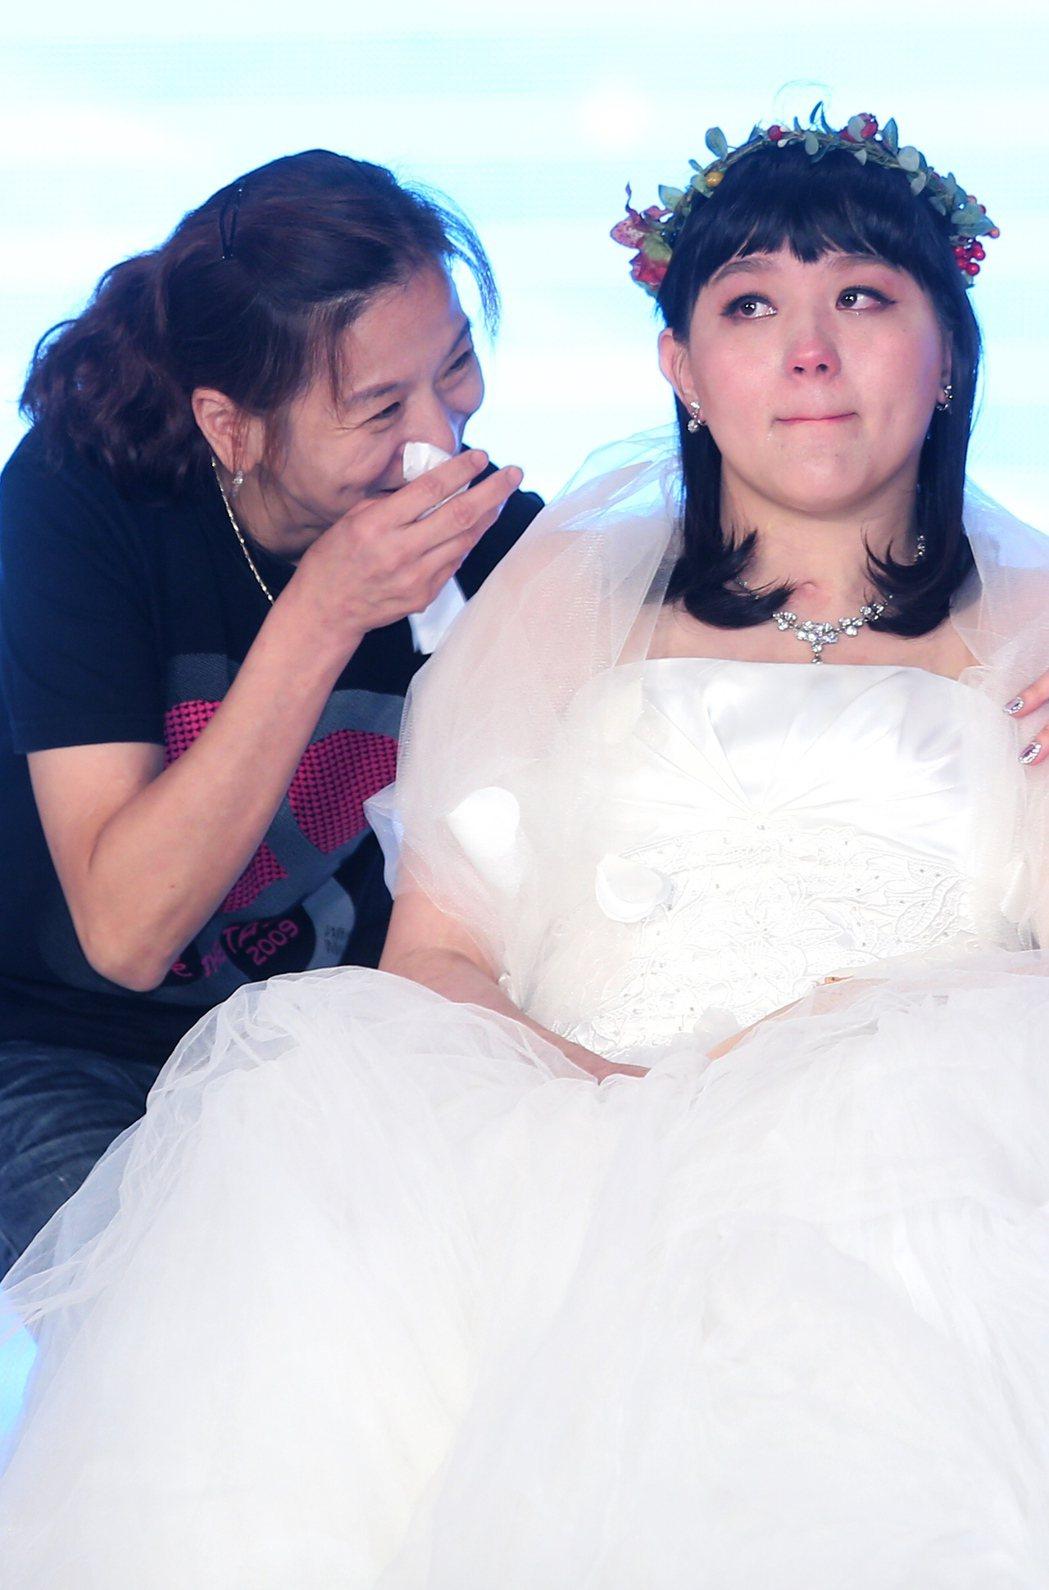 曾在2013年參加城市小姐選拔的八仙事件傷者林佩璇(右)在媽媽(左)陪同下重回舞...